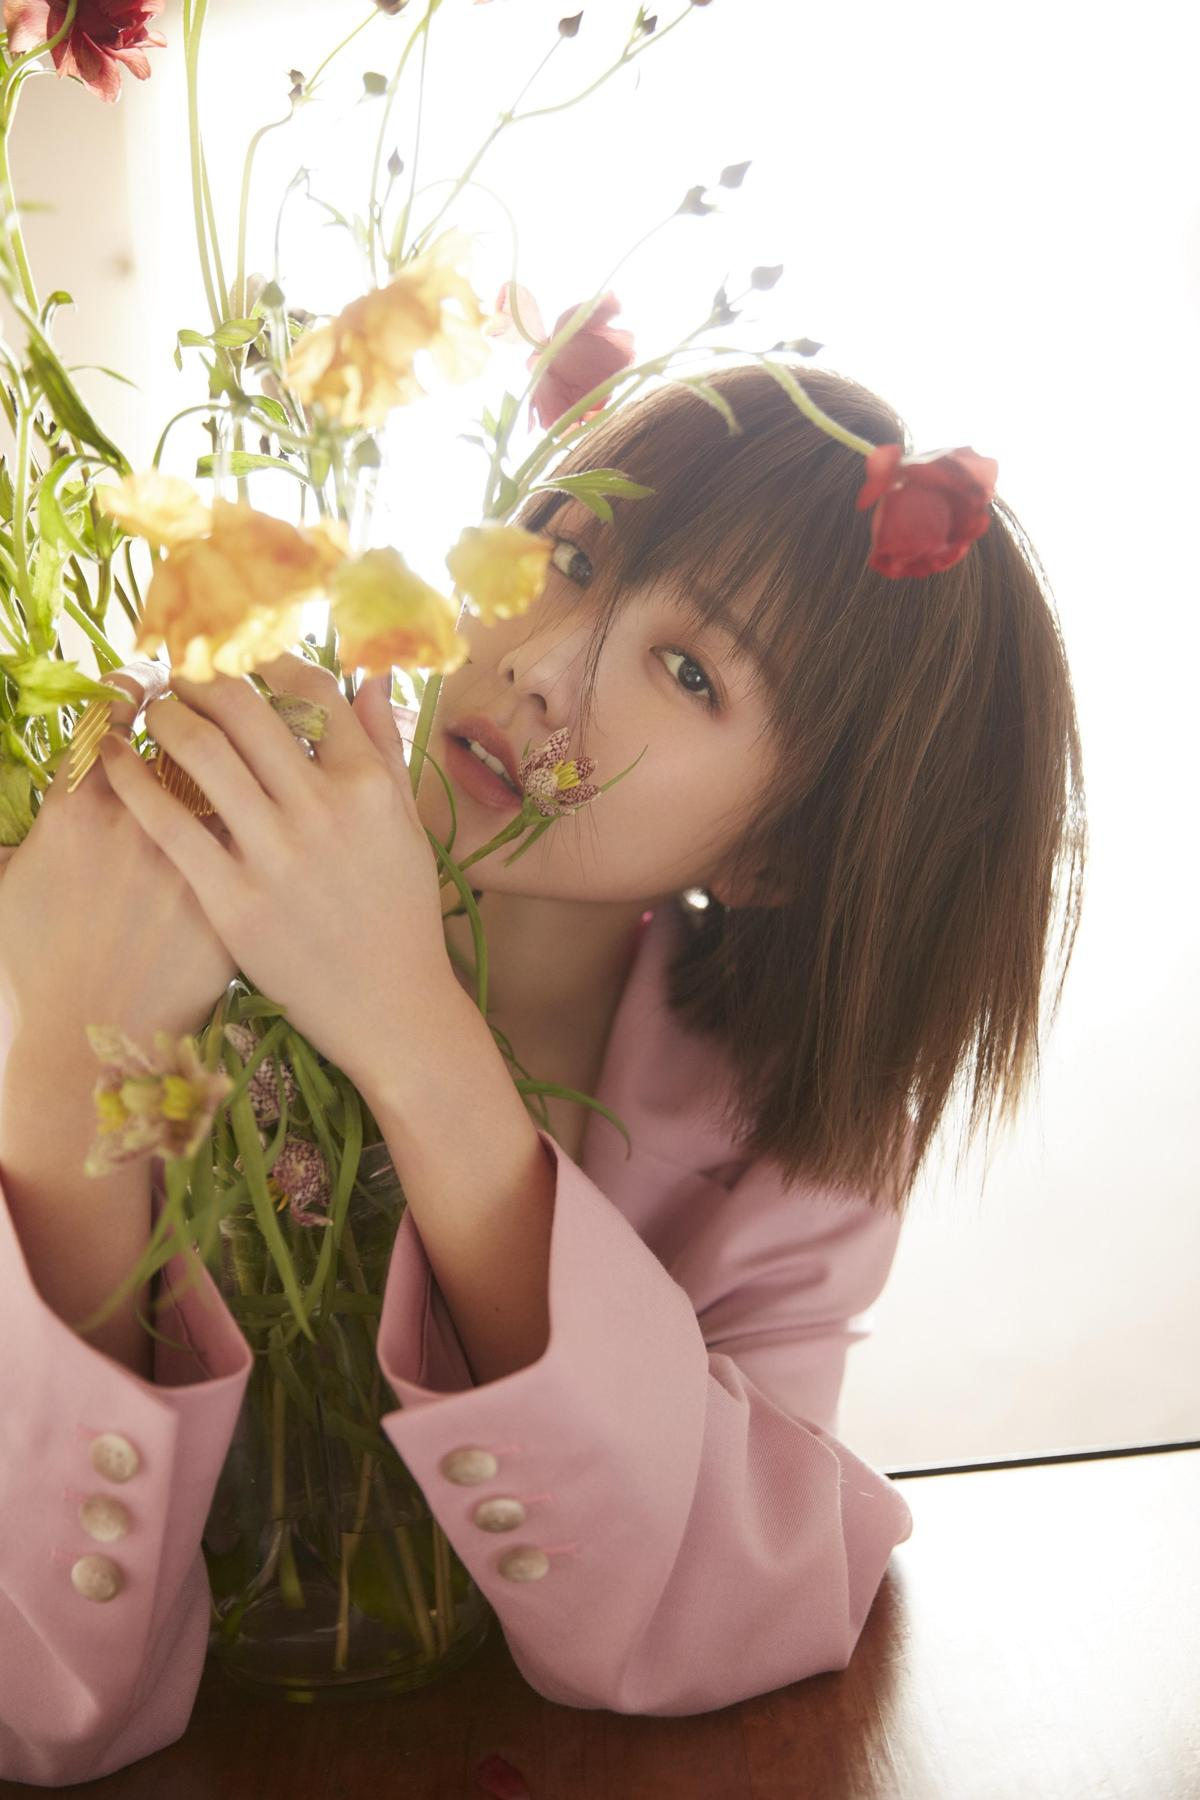 邵雨薇將於5月7日推出新專輯《微雨》。(寬宏藝術Kham Music)